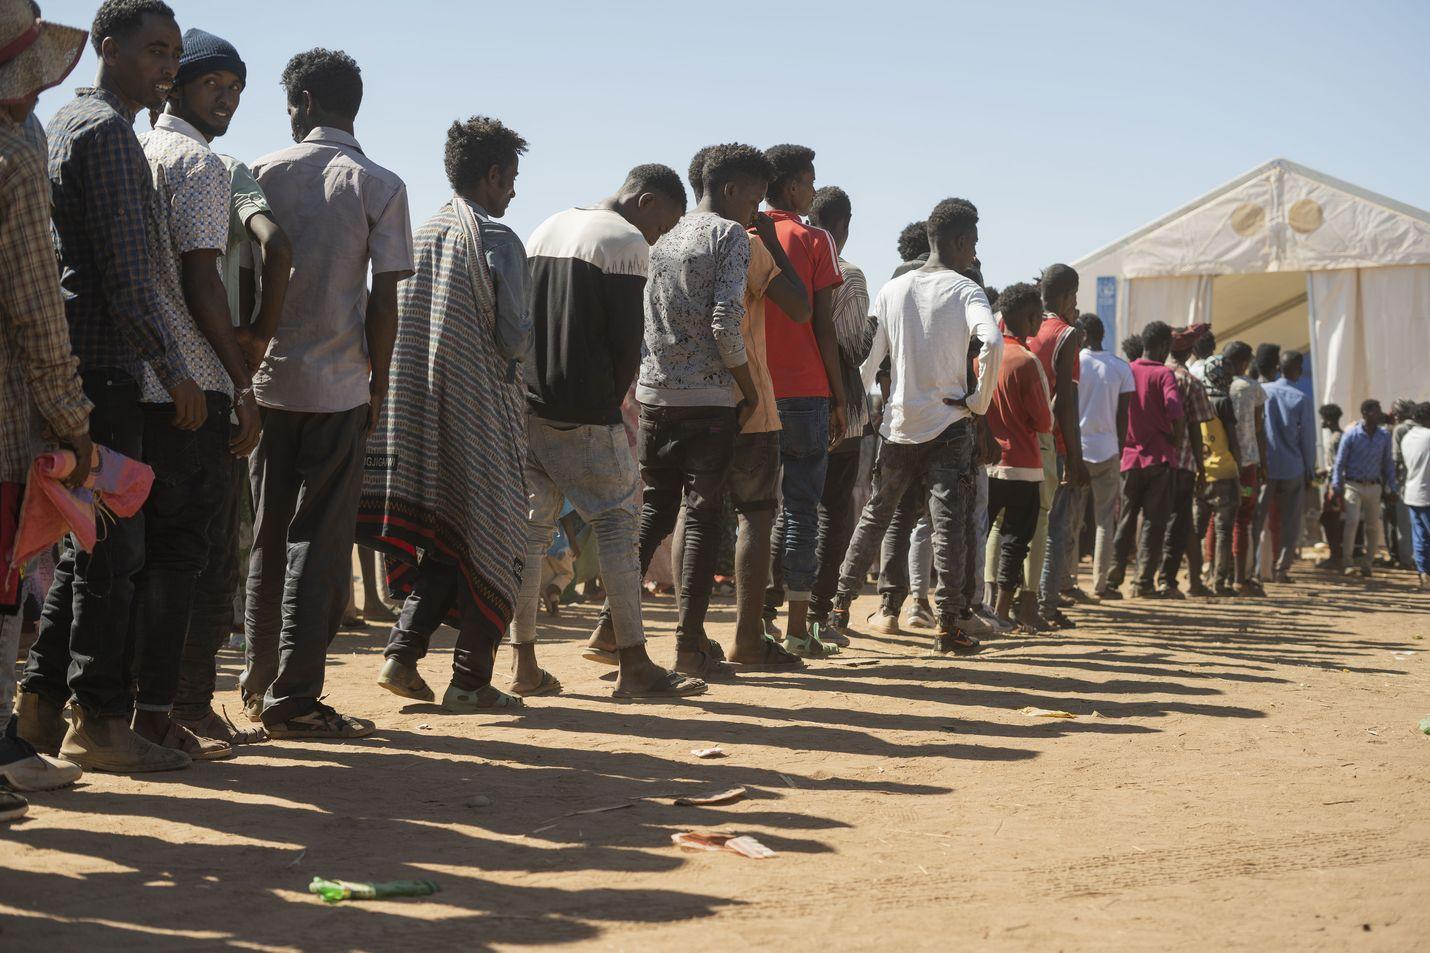 Väkivaltaisuudet ovat ajaneet kymmenet tuhannet Tigrayn alueen asukkaat pakolaisiksi. Kuvan ihmiset jonottavat apua pakolaisleirillä Sudanissa.